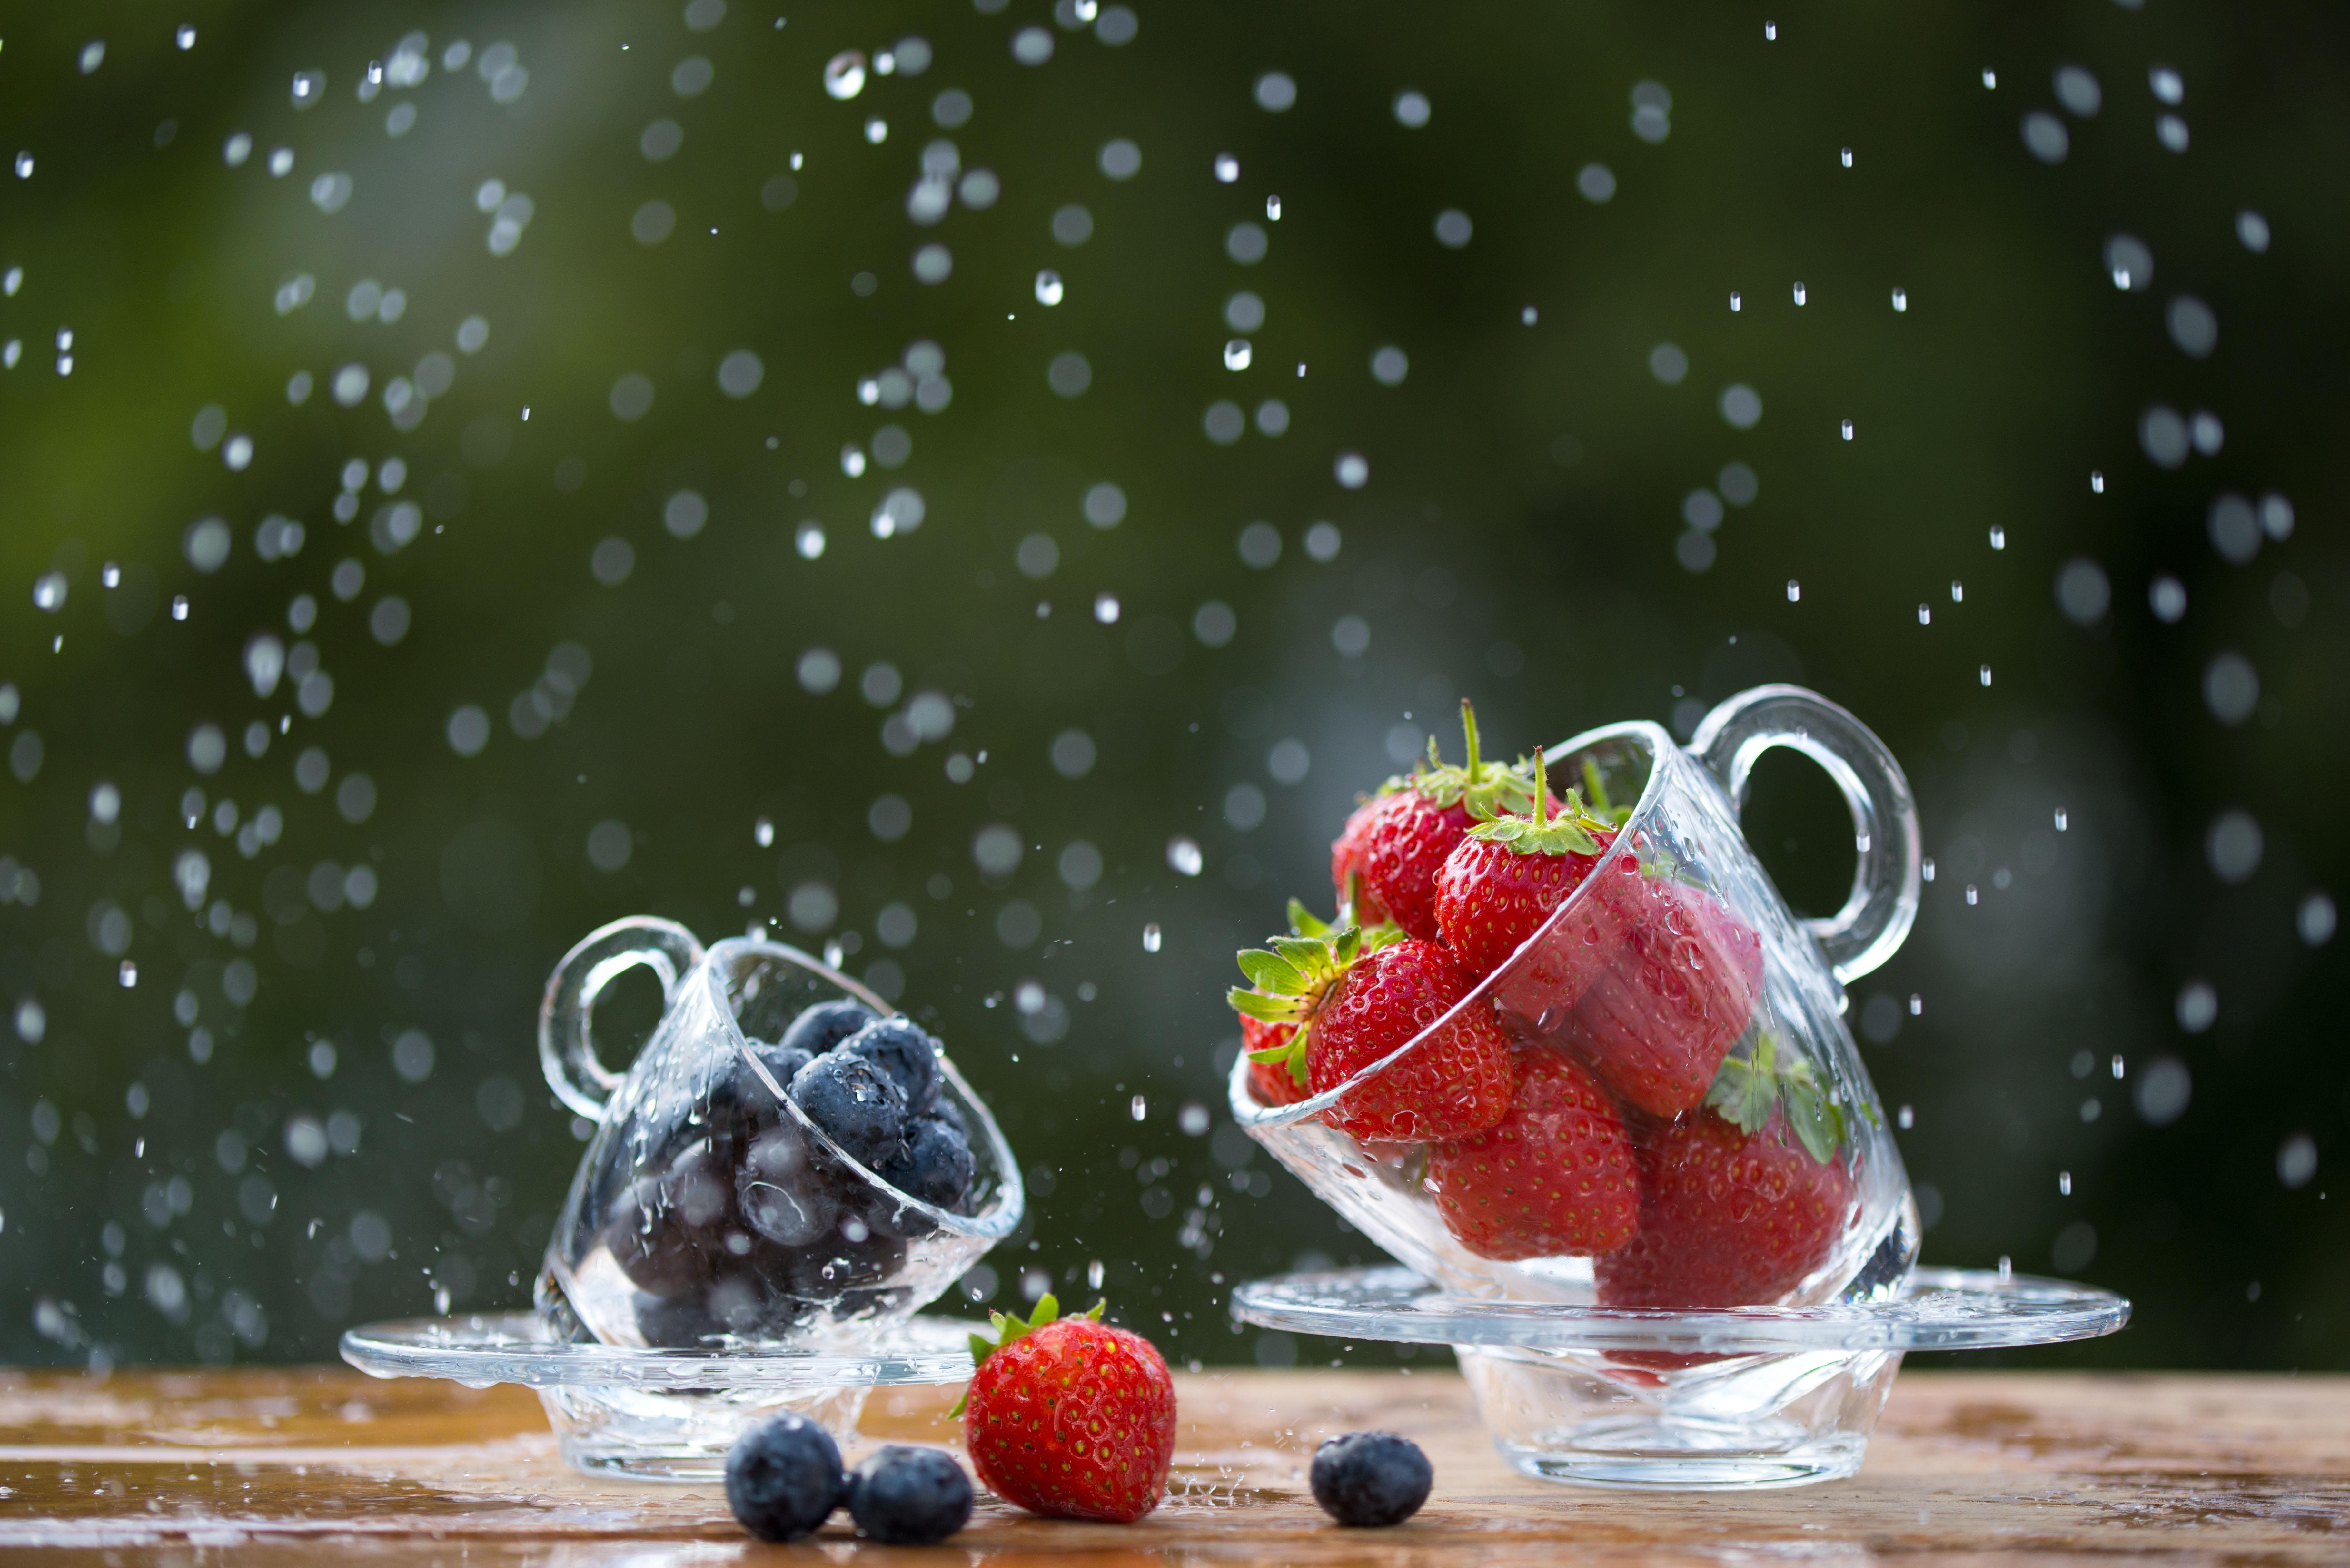 расстроились, вечеру ягоды в воде фото конструкции производятся сплава